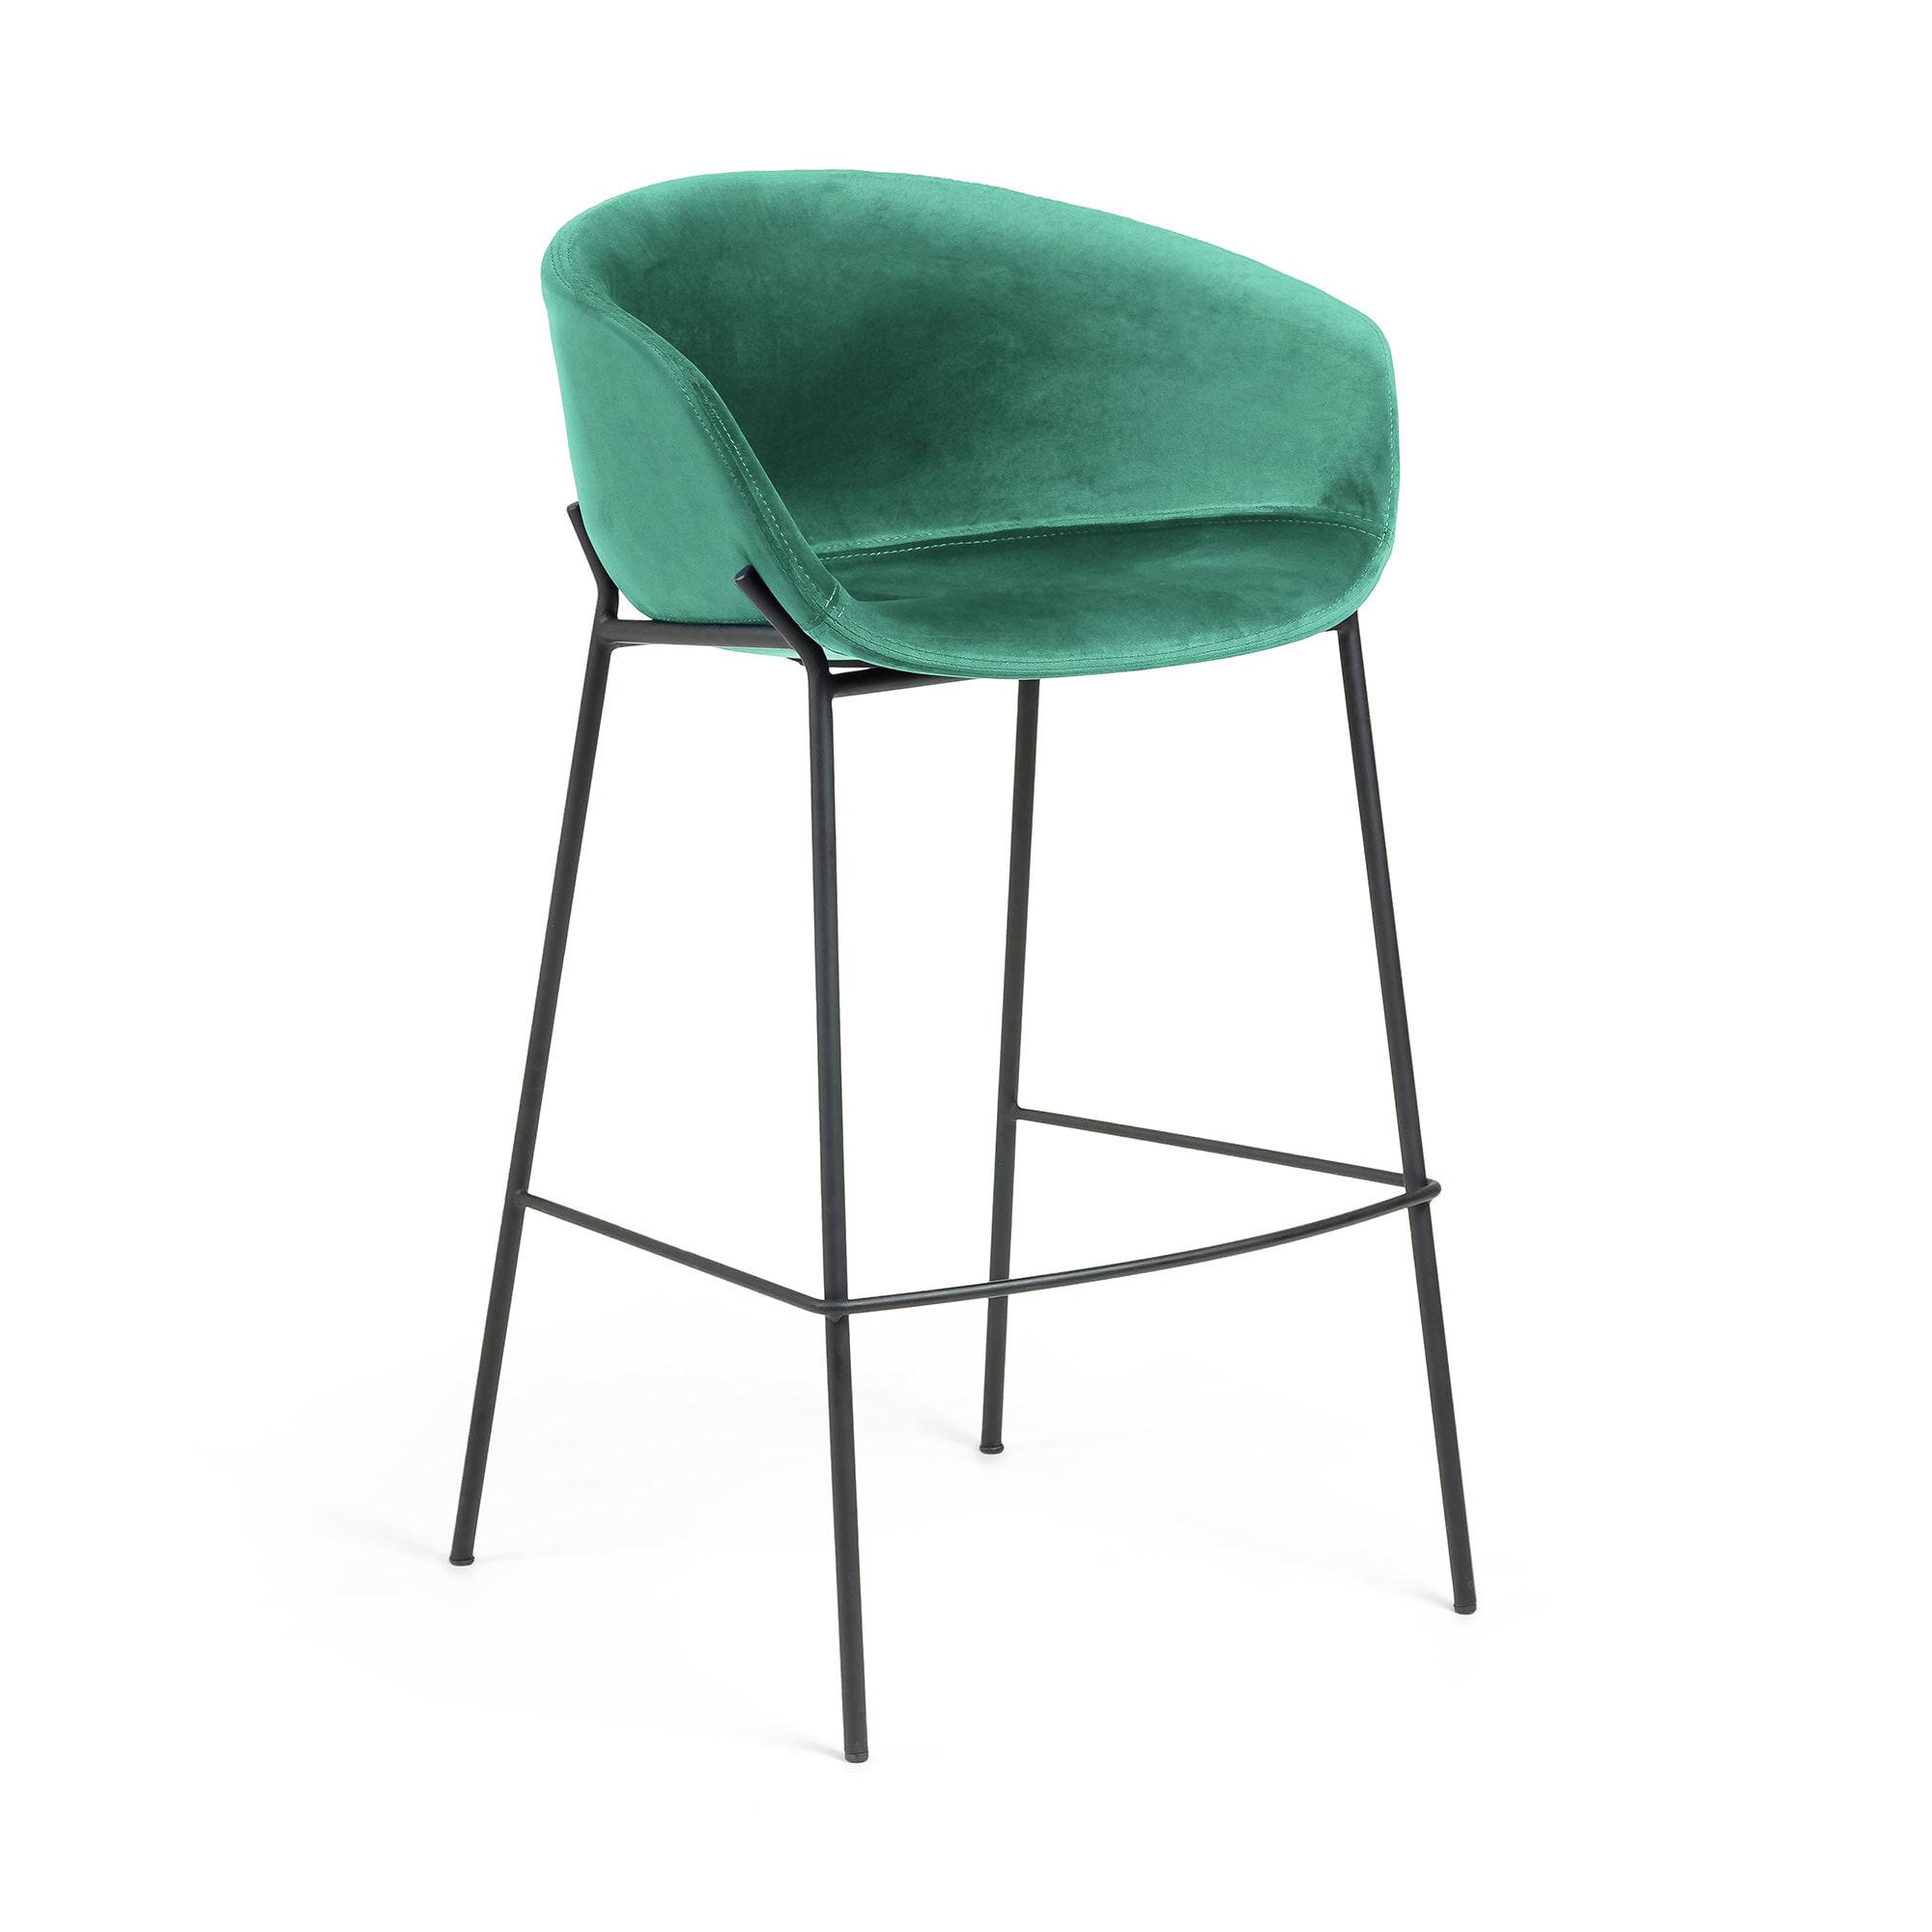 Kave Home Barkruk 'Yvette' Velvet (zithoogte 74cm), kleur Donkergroen